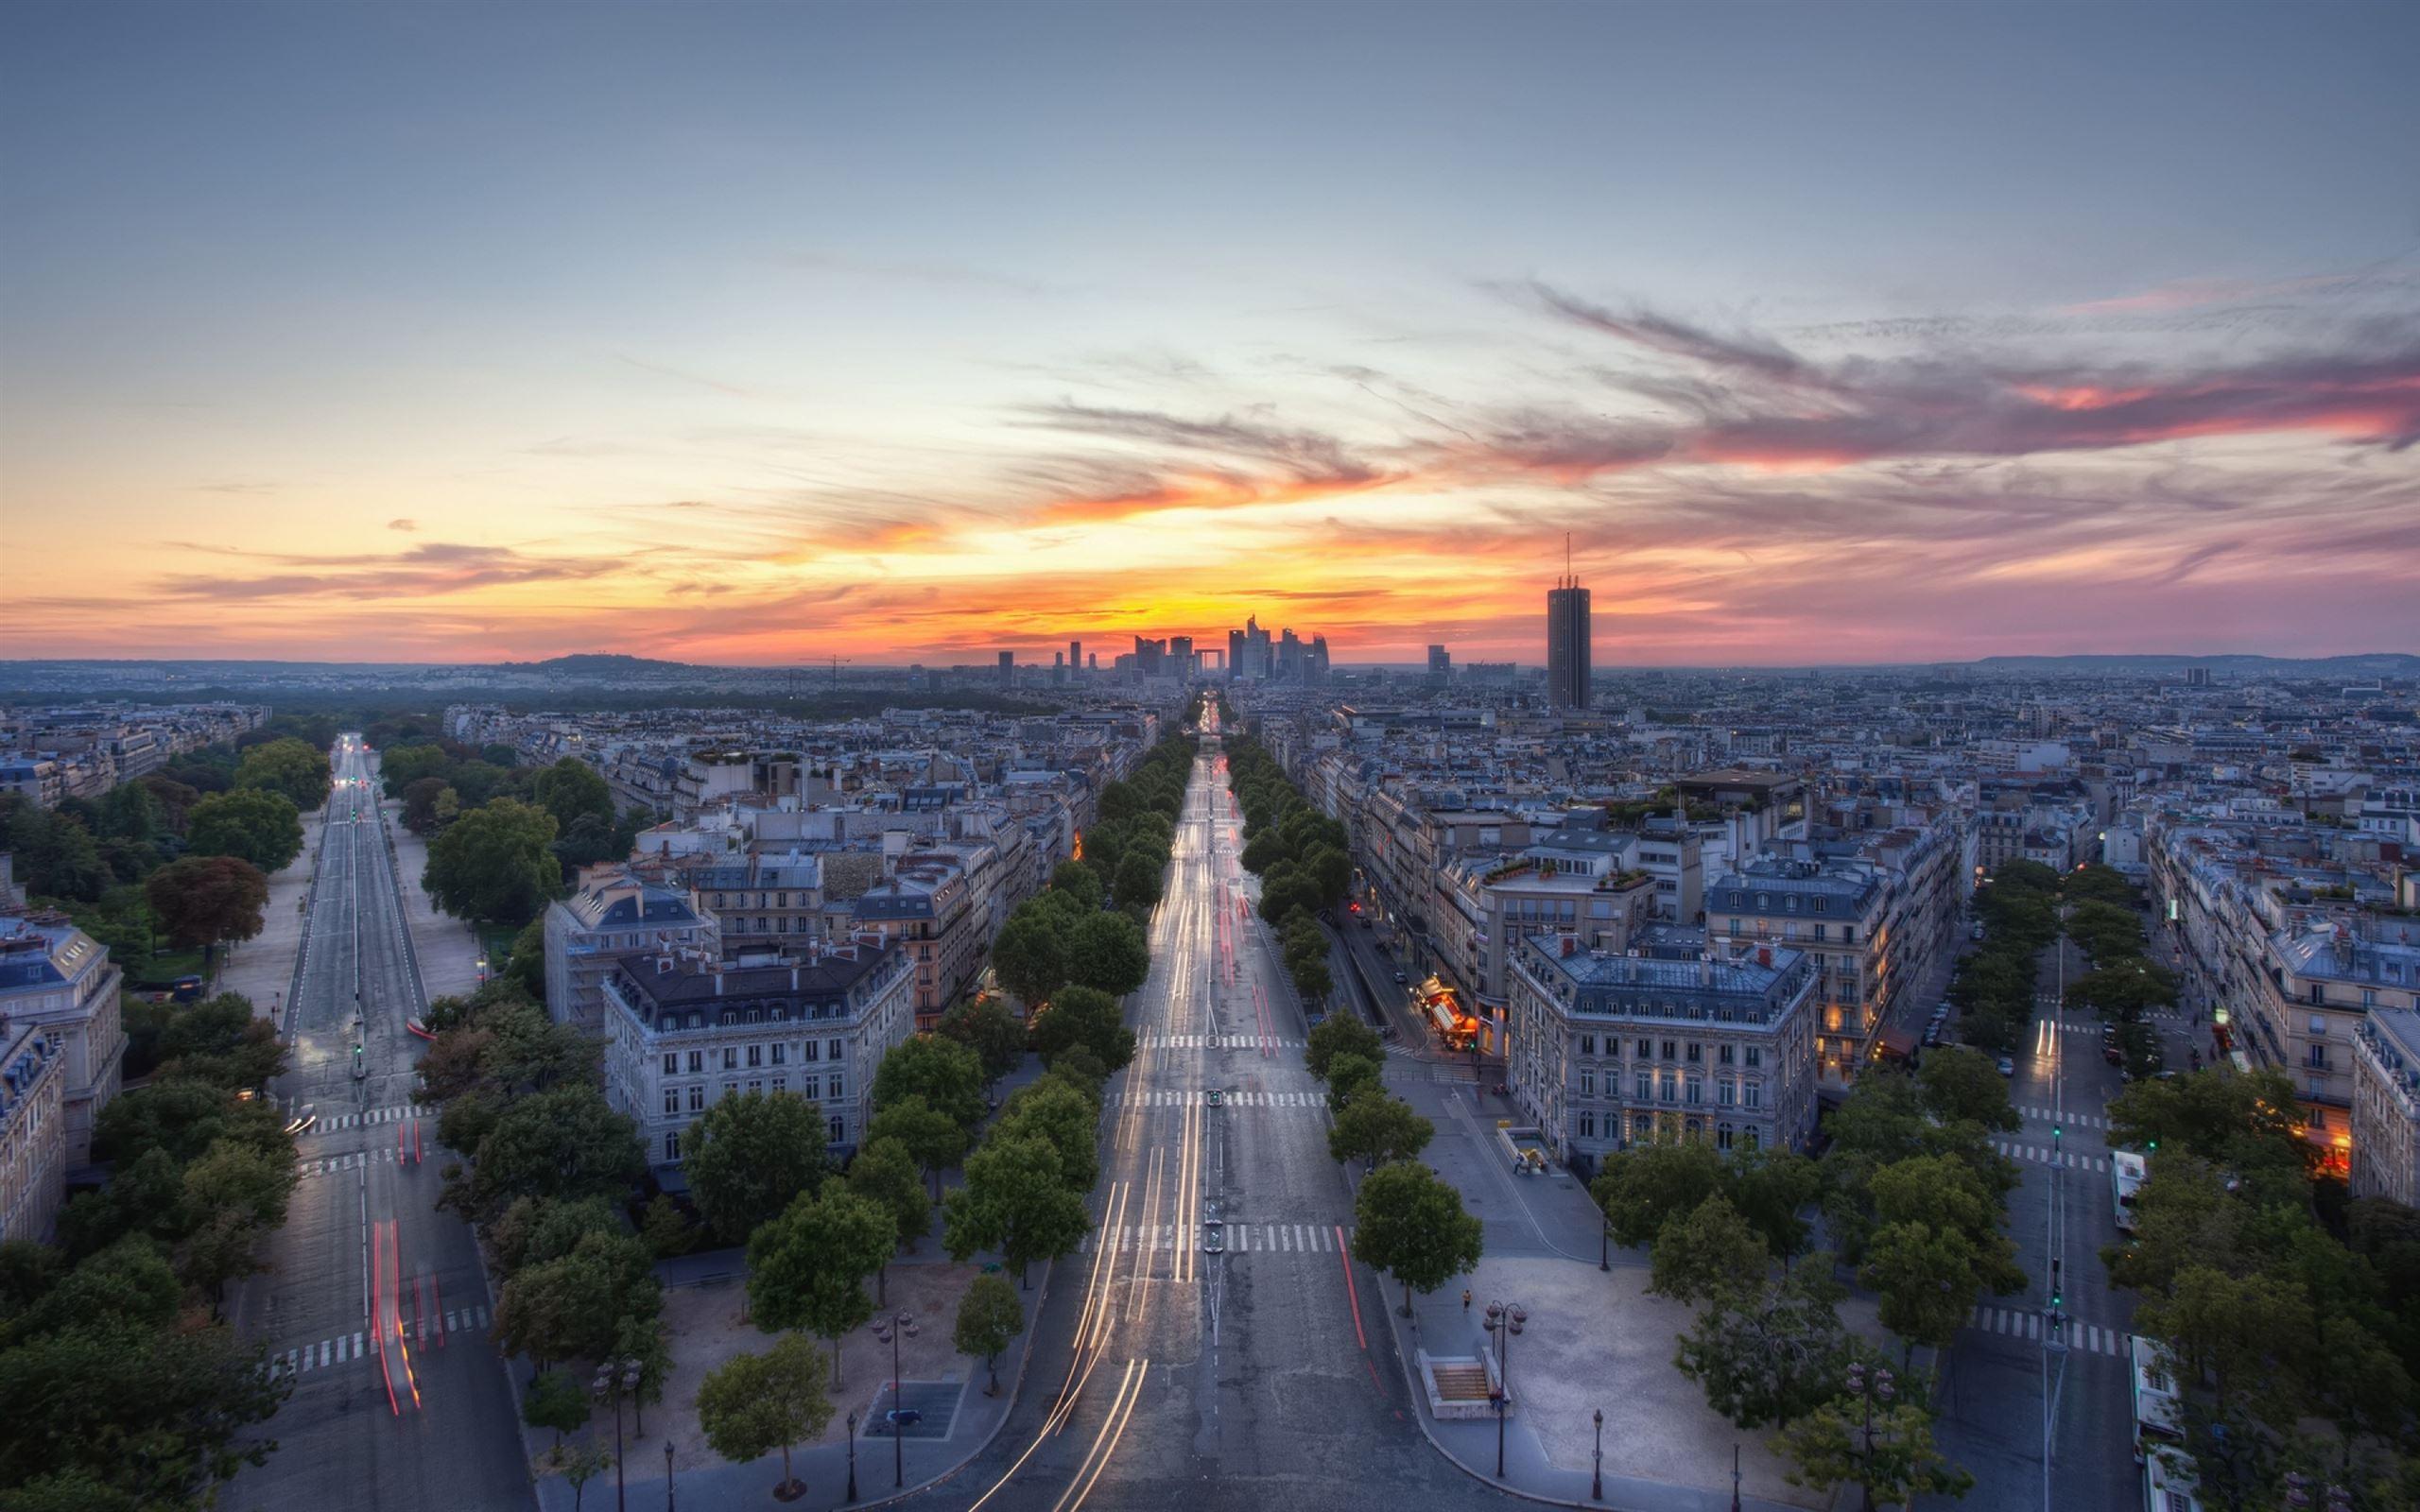 Sunset Paris France Mac Wallpaper Download | AllMacWallpaper